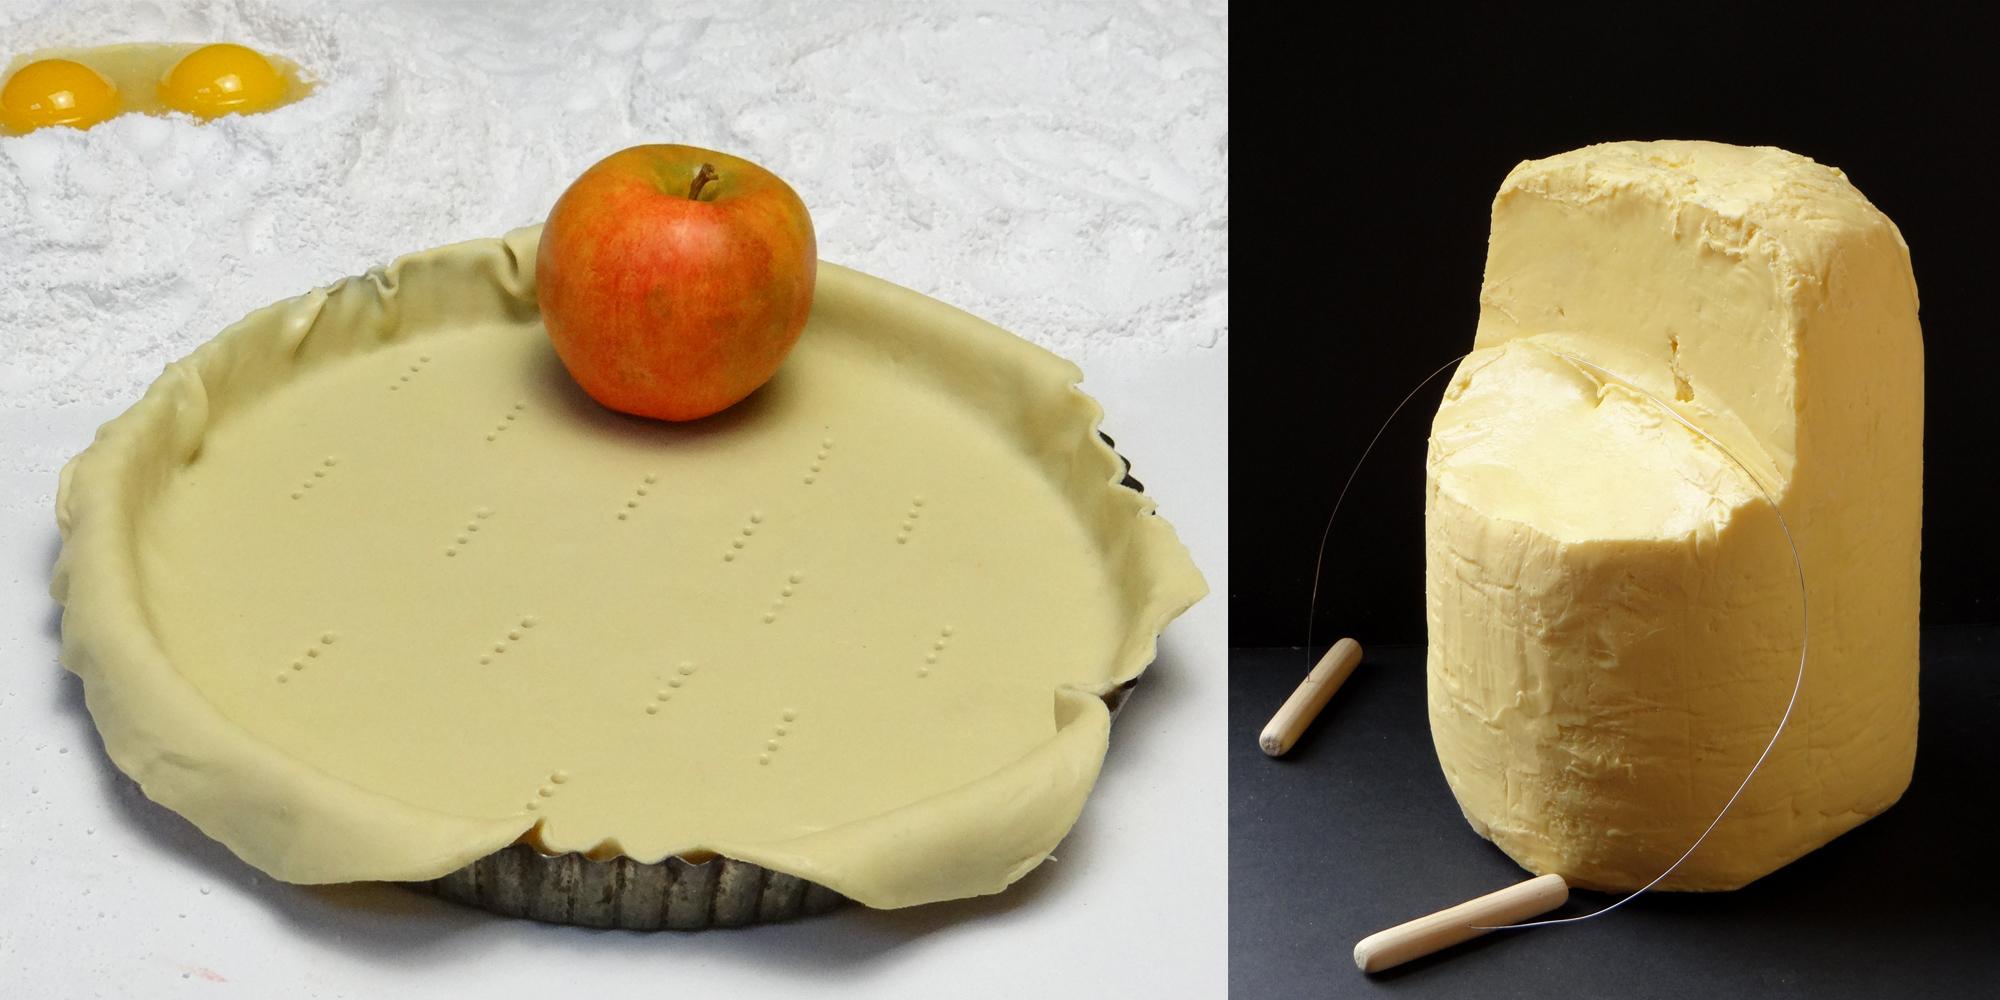 factice alimentaire de motte de beurre et pâte à tarte crue - La Pomme également est fausse